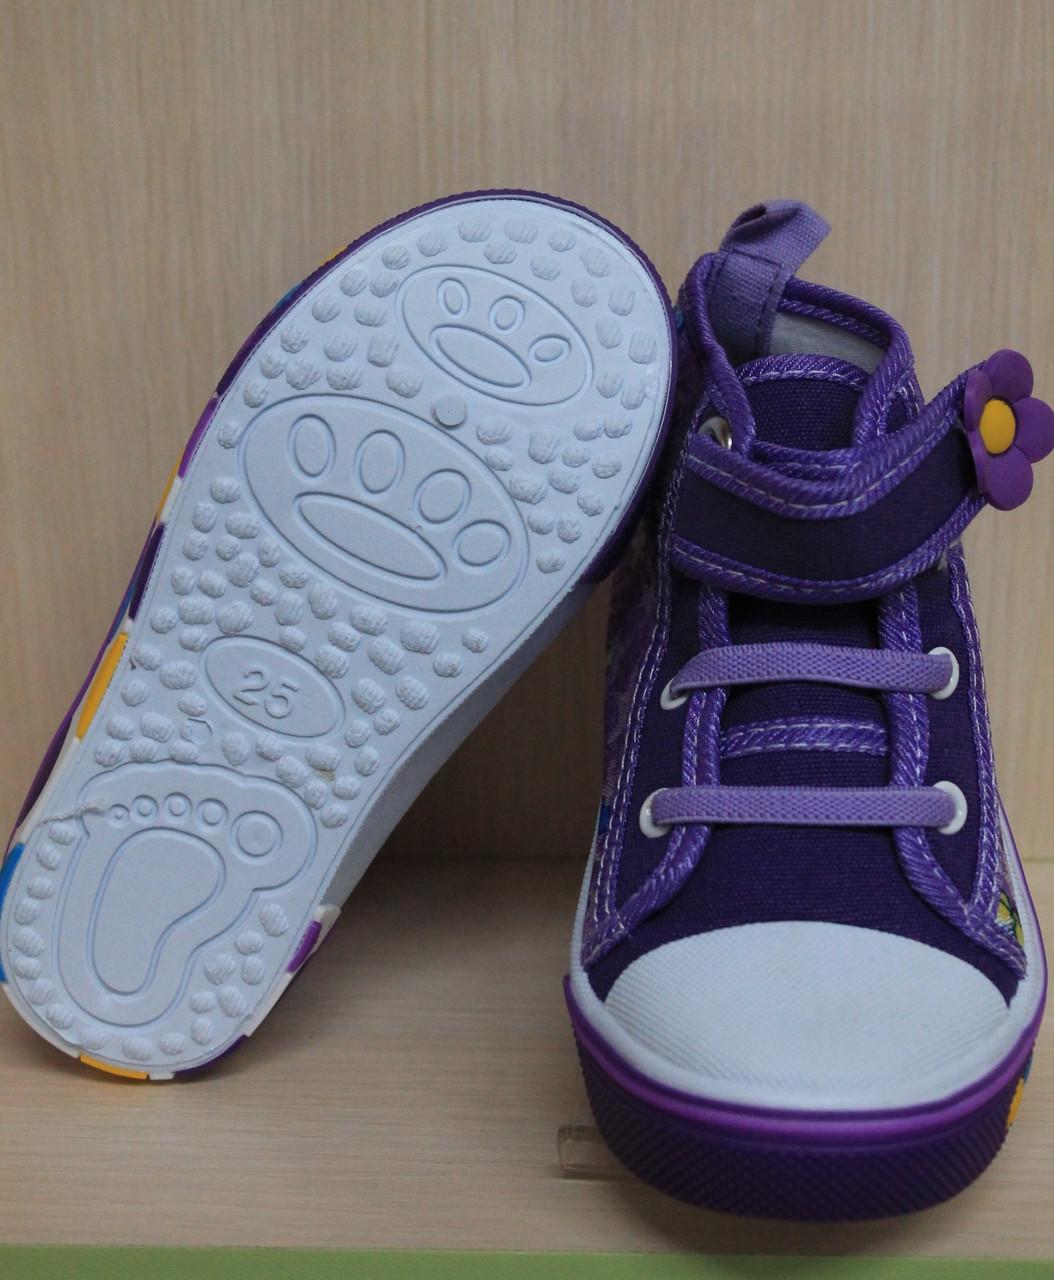 e3f6d34fb9fd Купить Детские кеды на девочку, текстильная обувь, высокие кеды р.26 ...